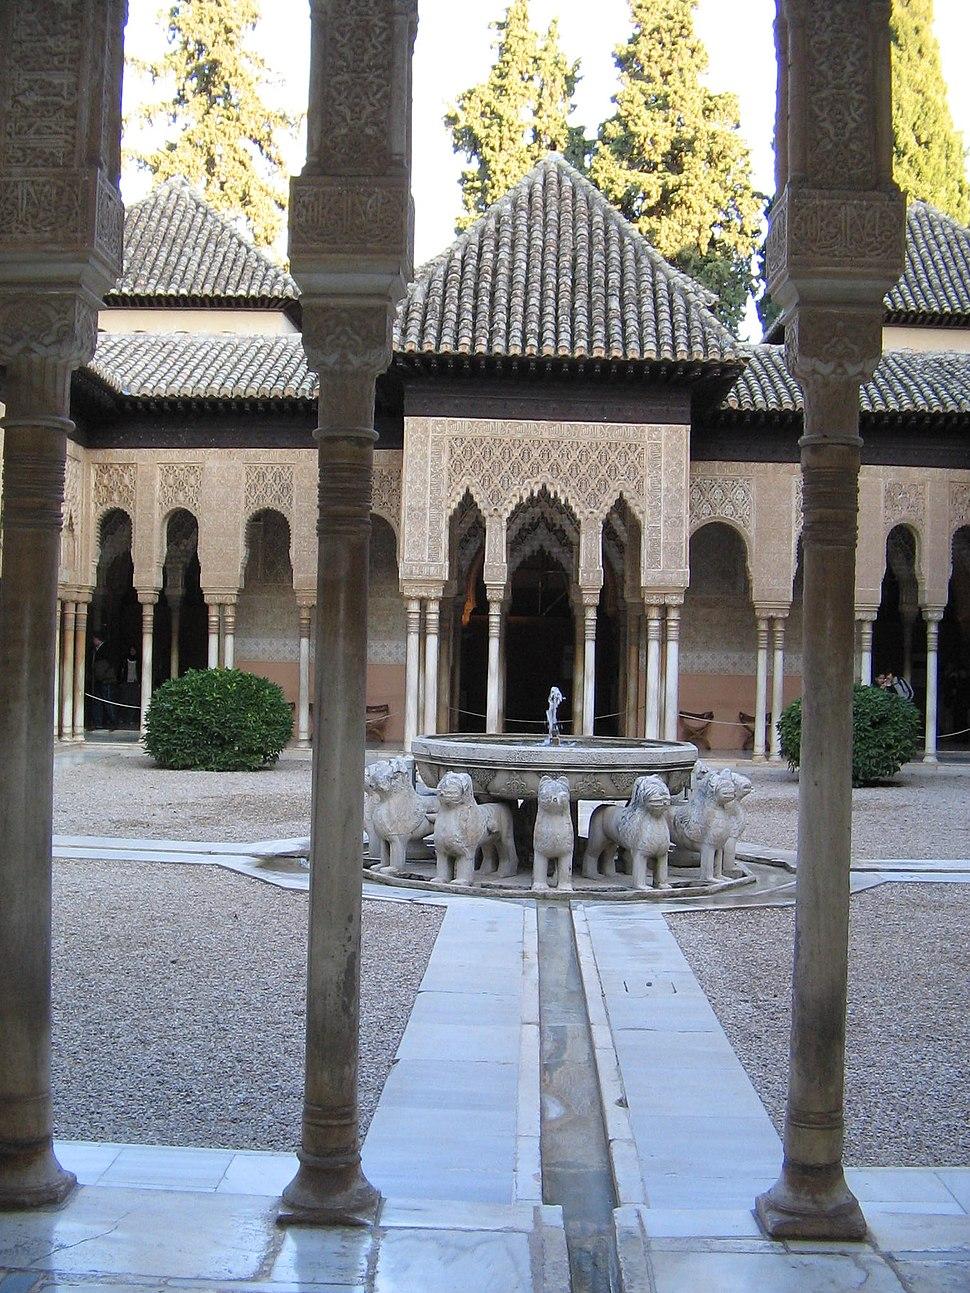 Alhambra-Patio dos Leóns